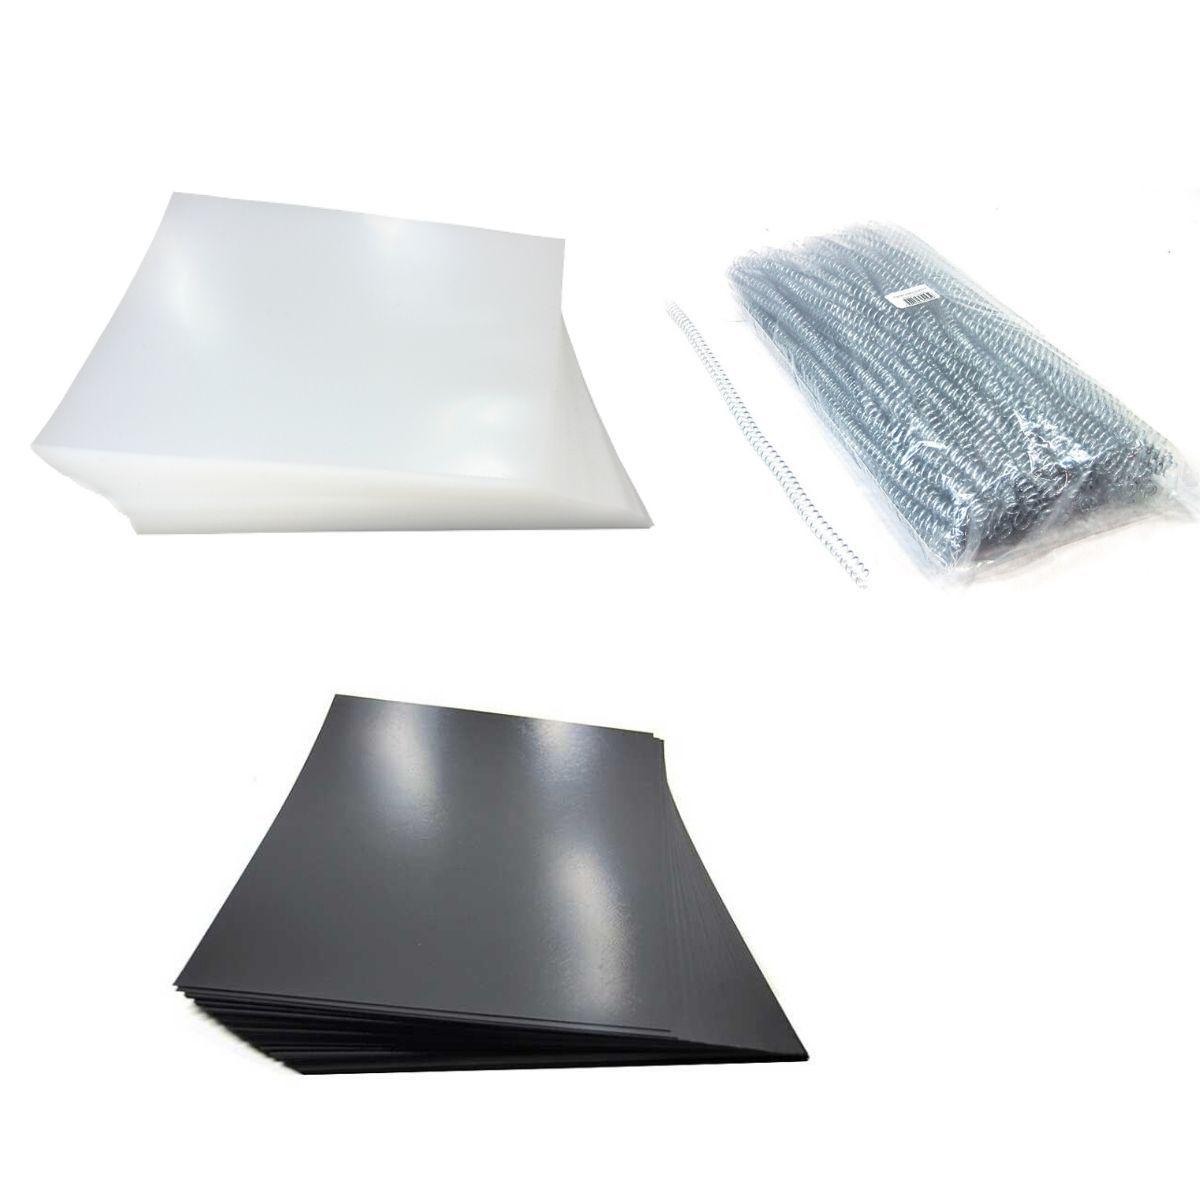 Kit 200 Capas e 100 Espirais Transparentes (Cristal) para Encadernação 09mm até 50 Folhas  - Click Suprimentos